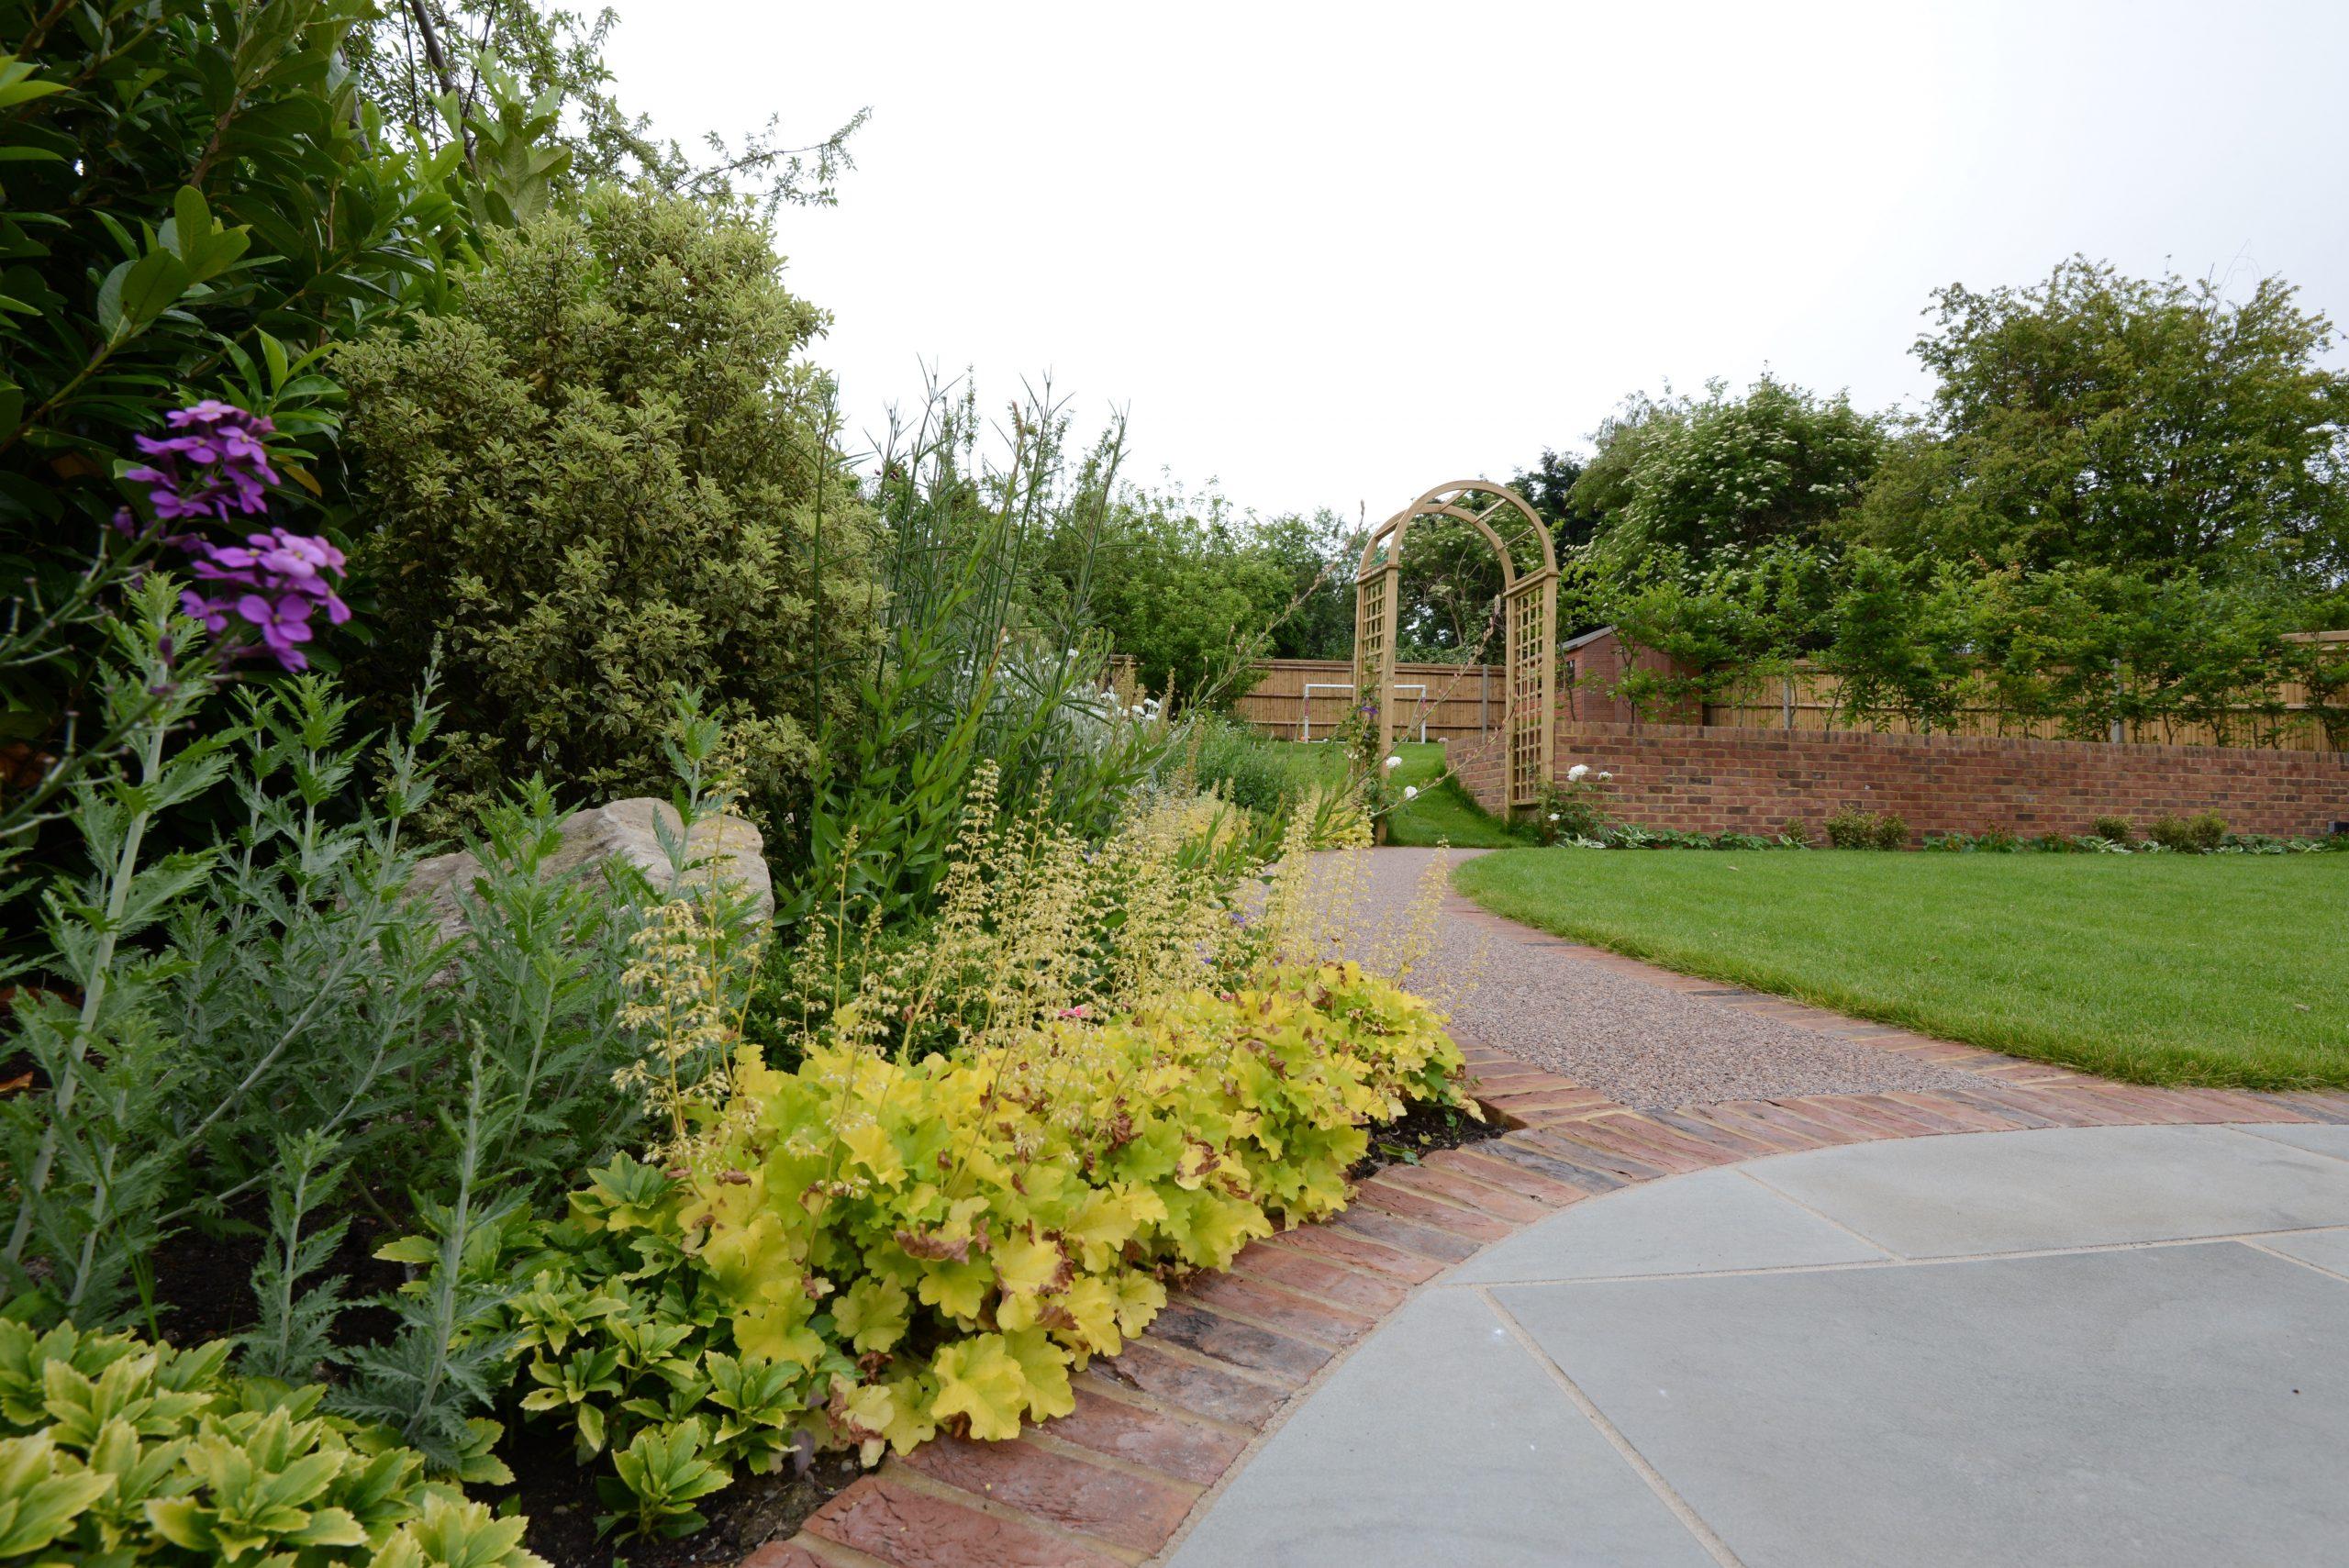 Rachels garden